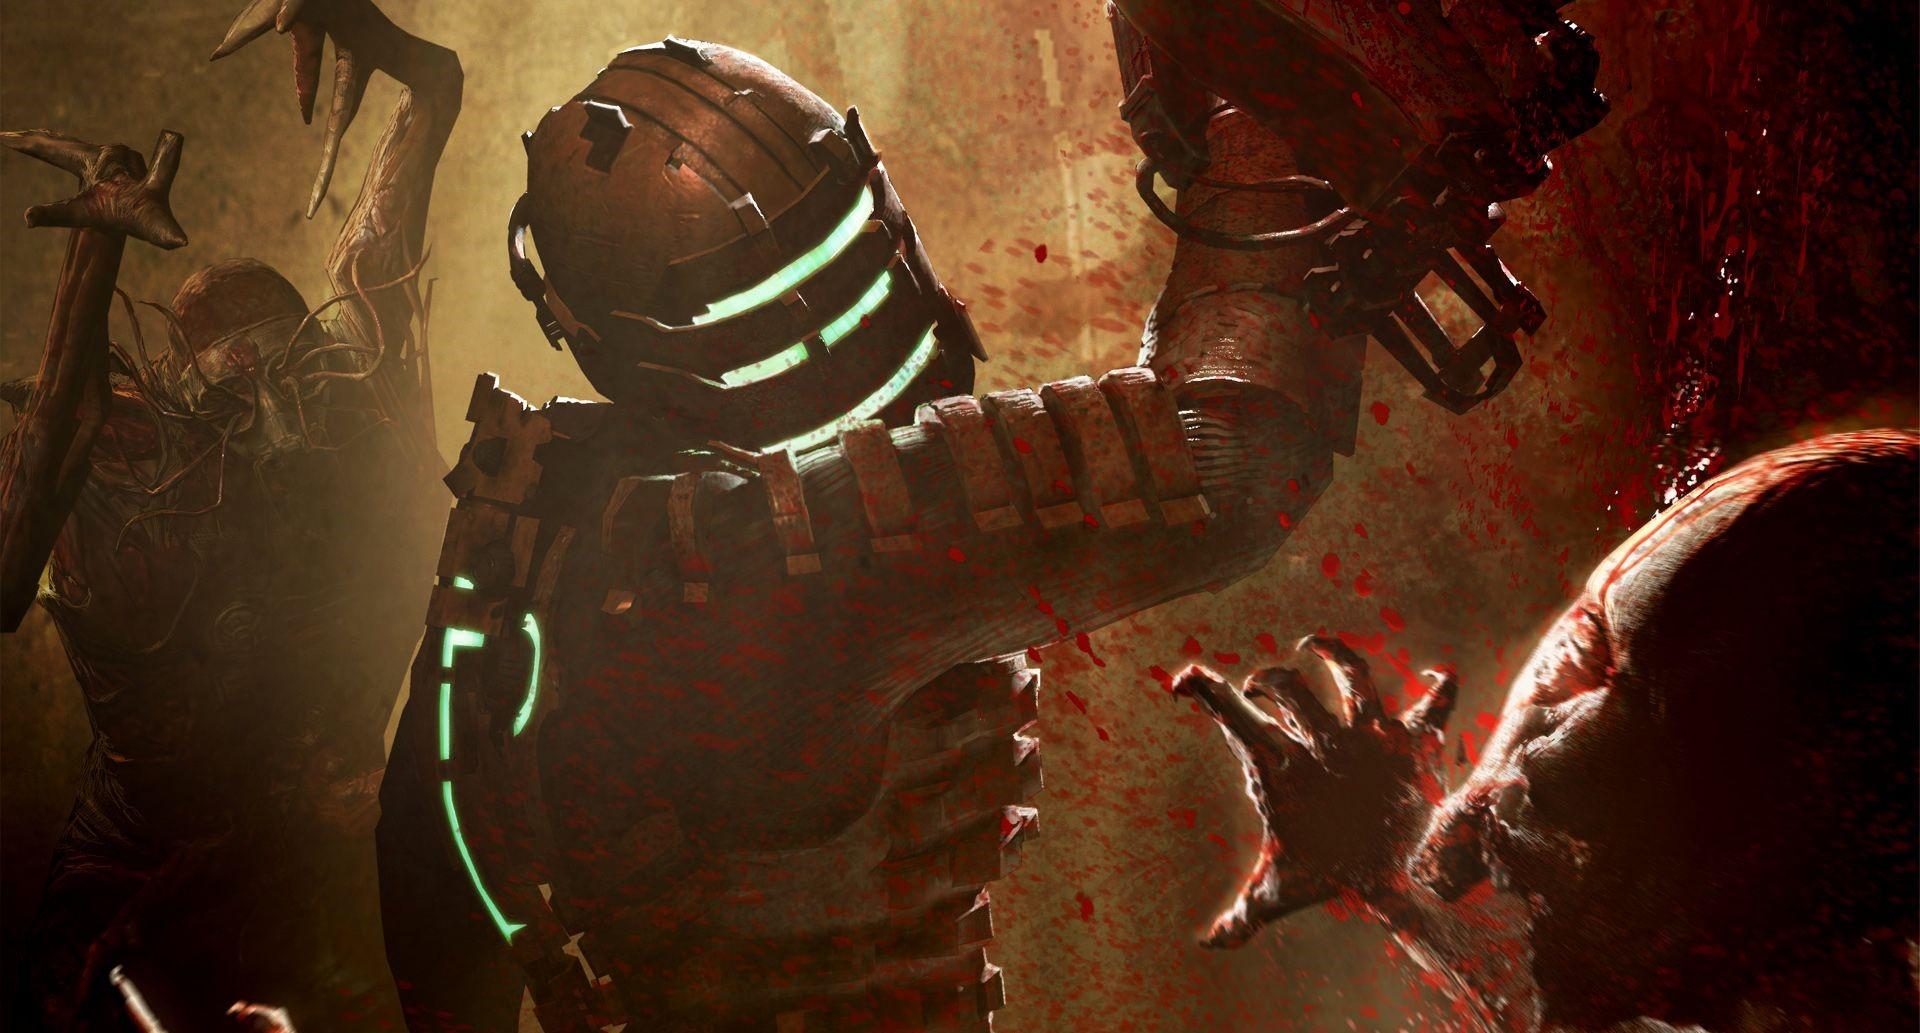 Сразу три инсайдера намекнули на новую часть Dead Space